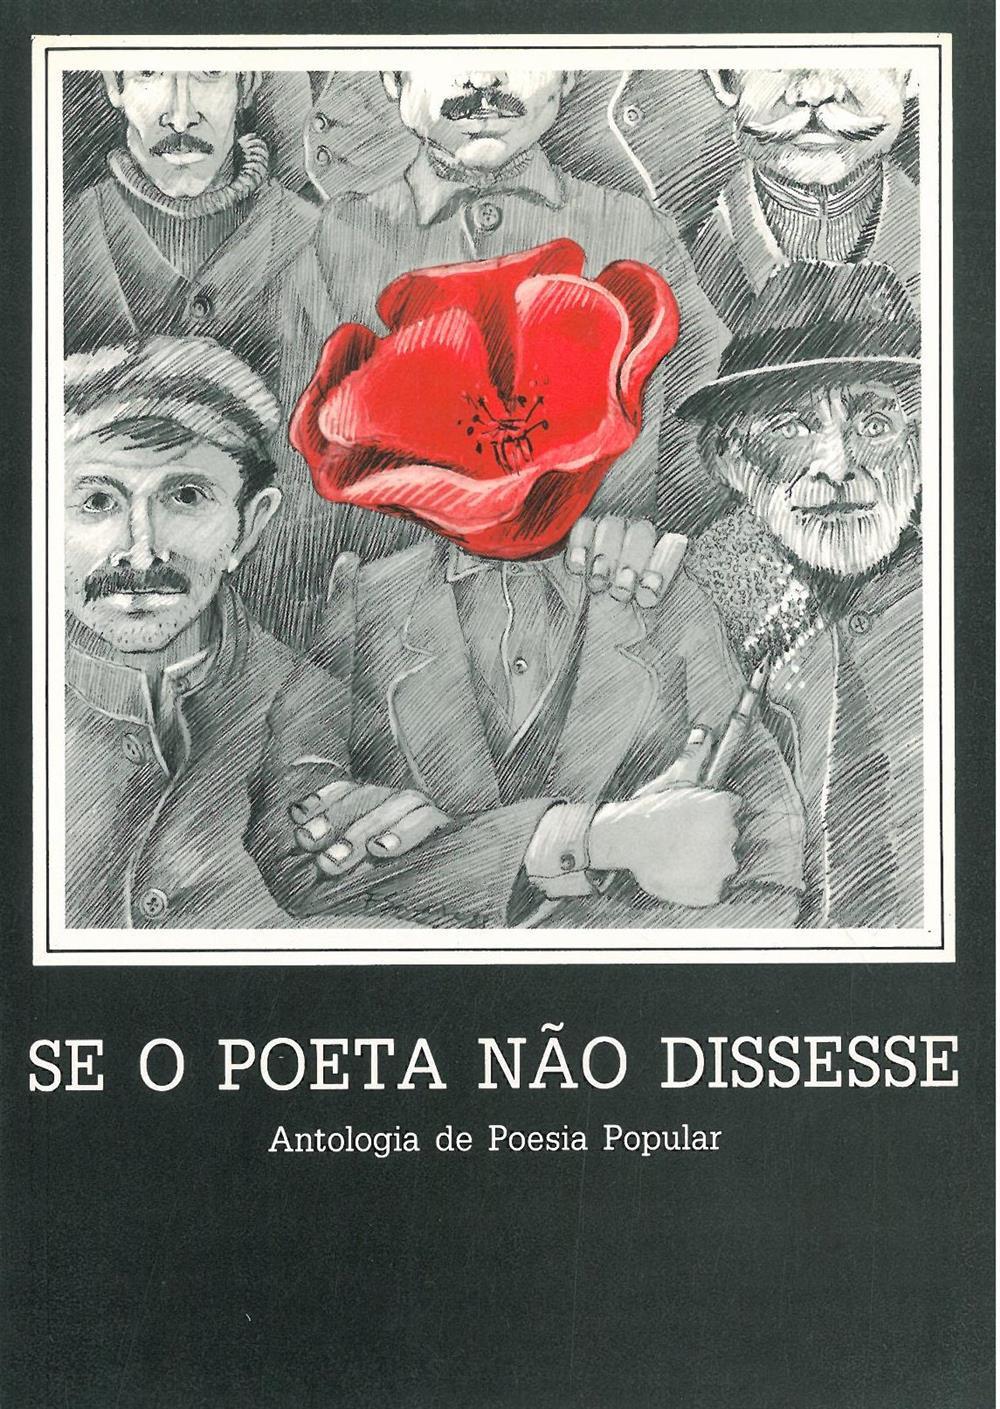 Se o poeta não dissesse_.jpg